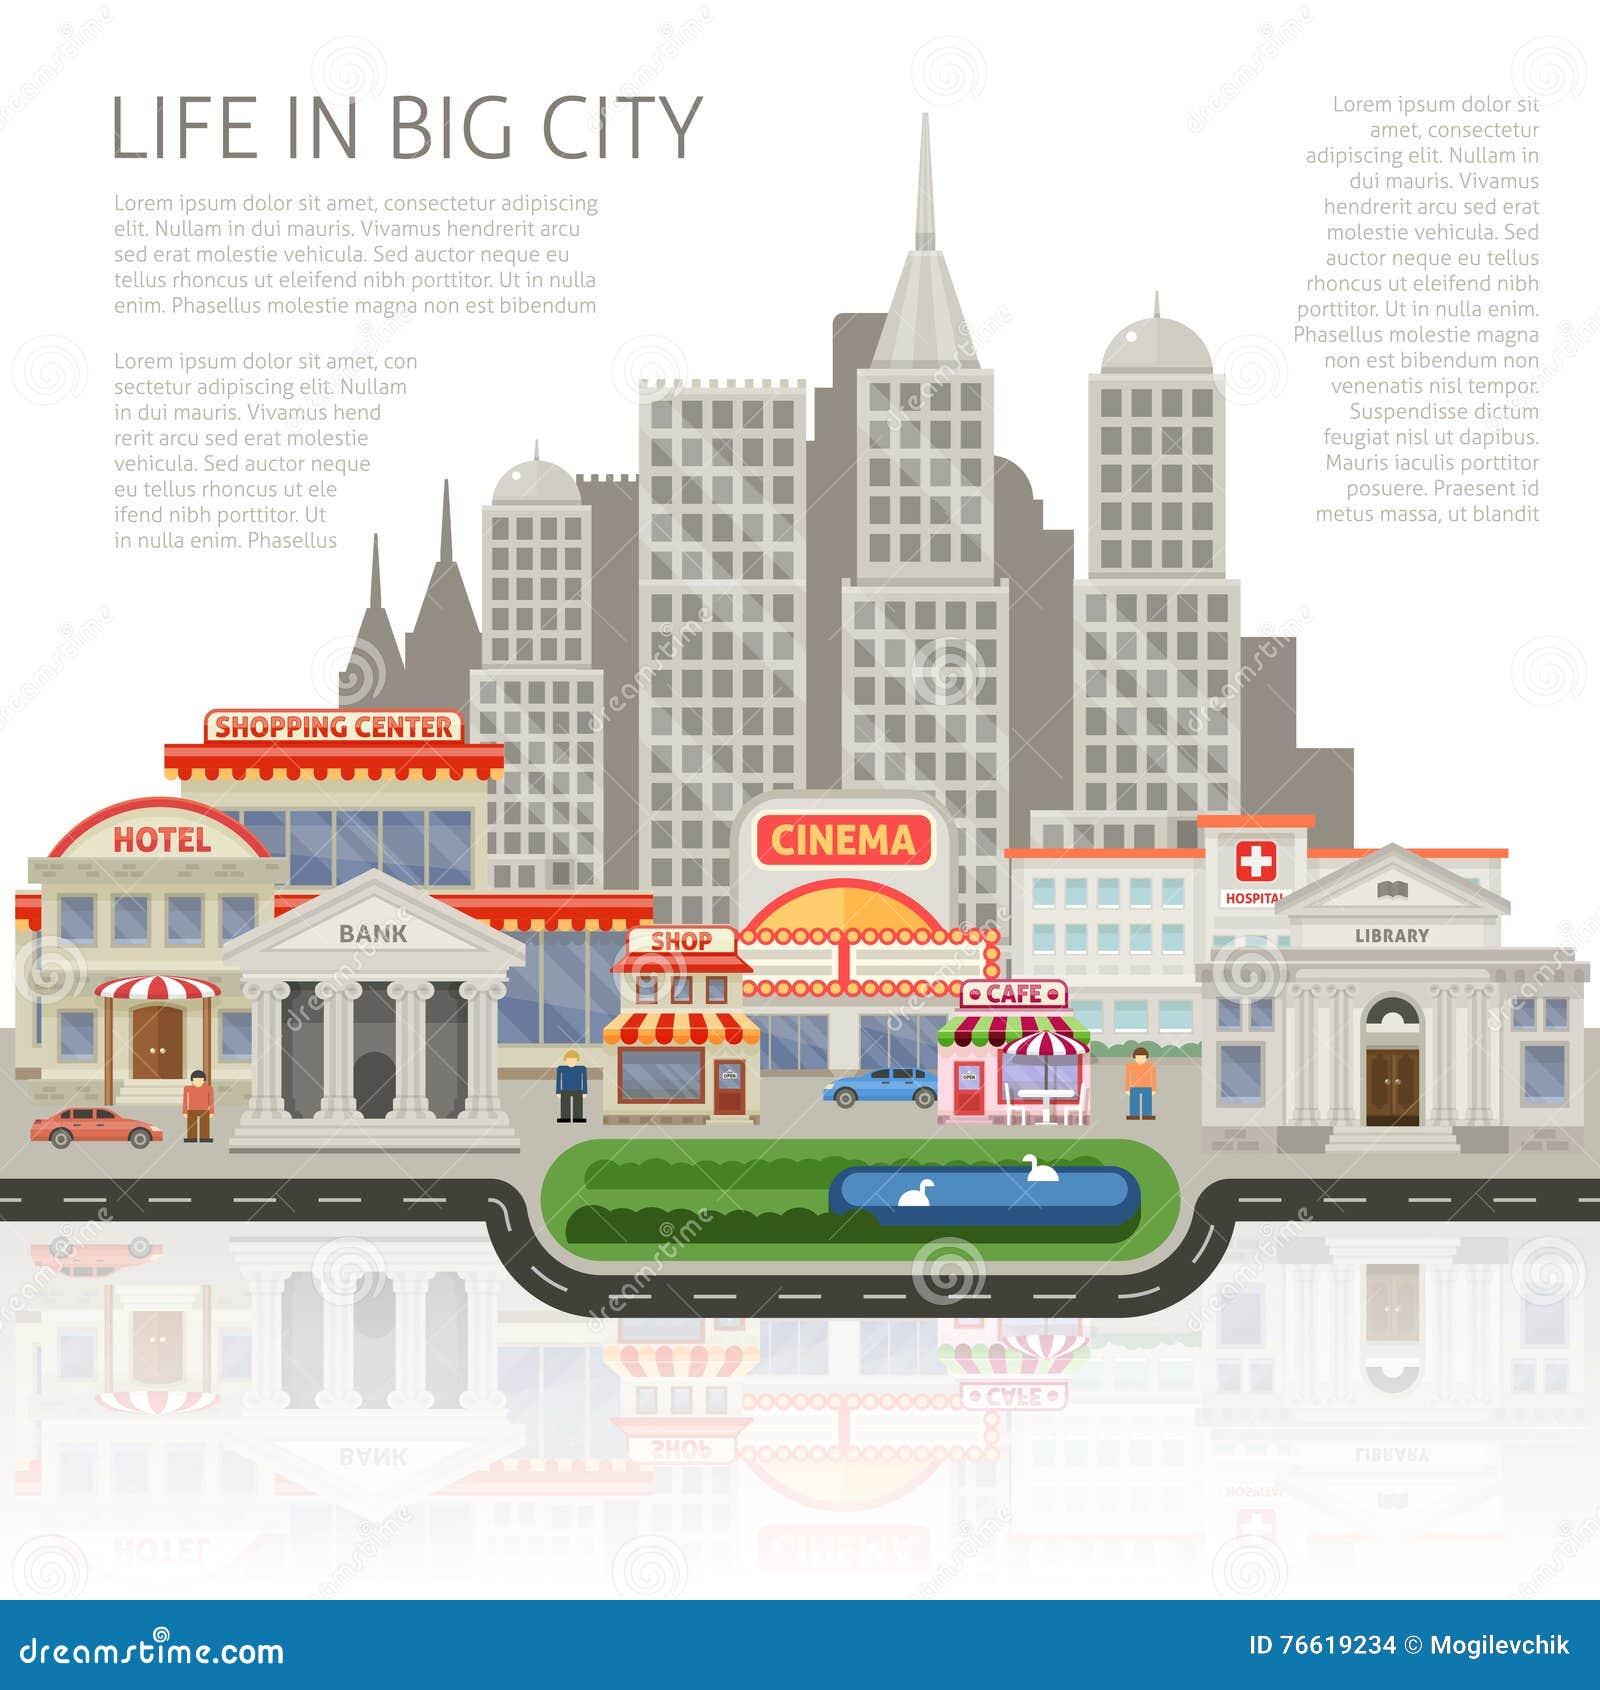 在大城市设计的生活